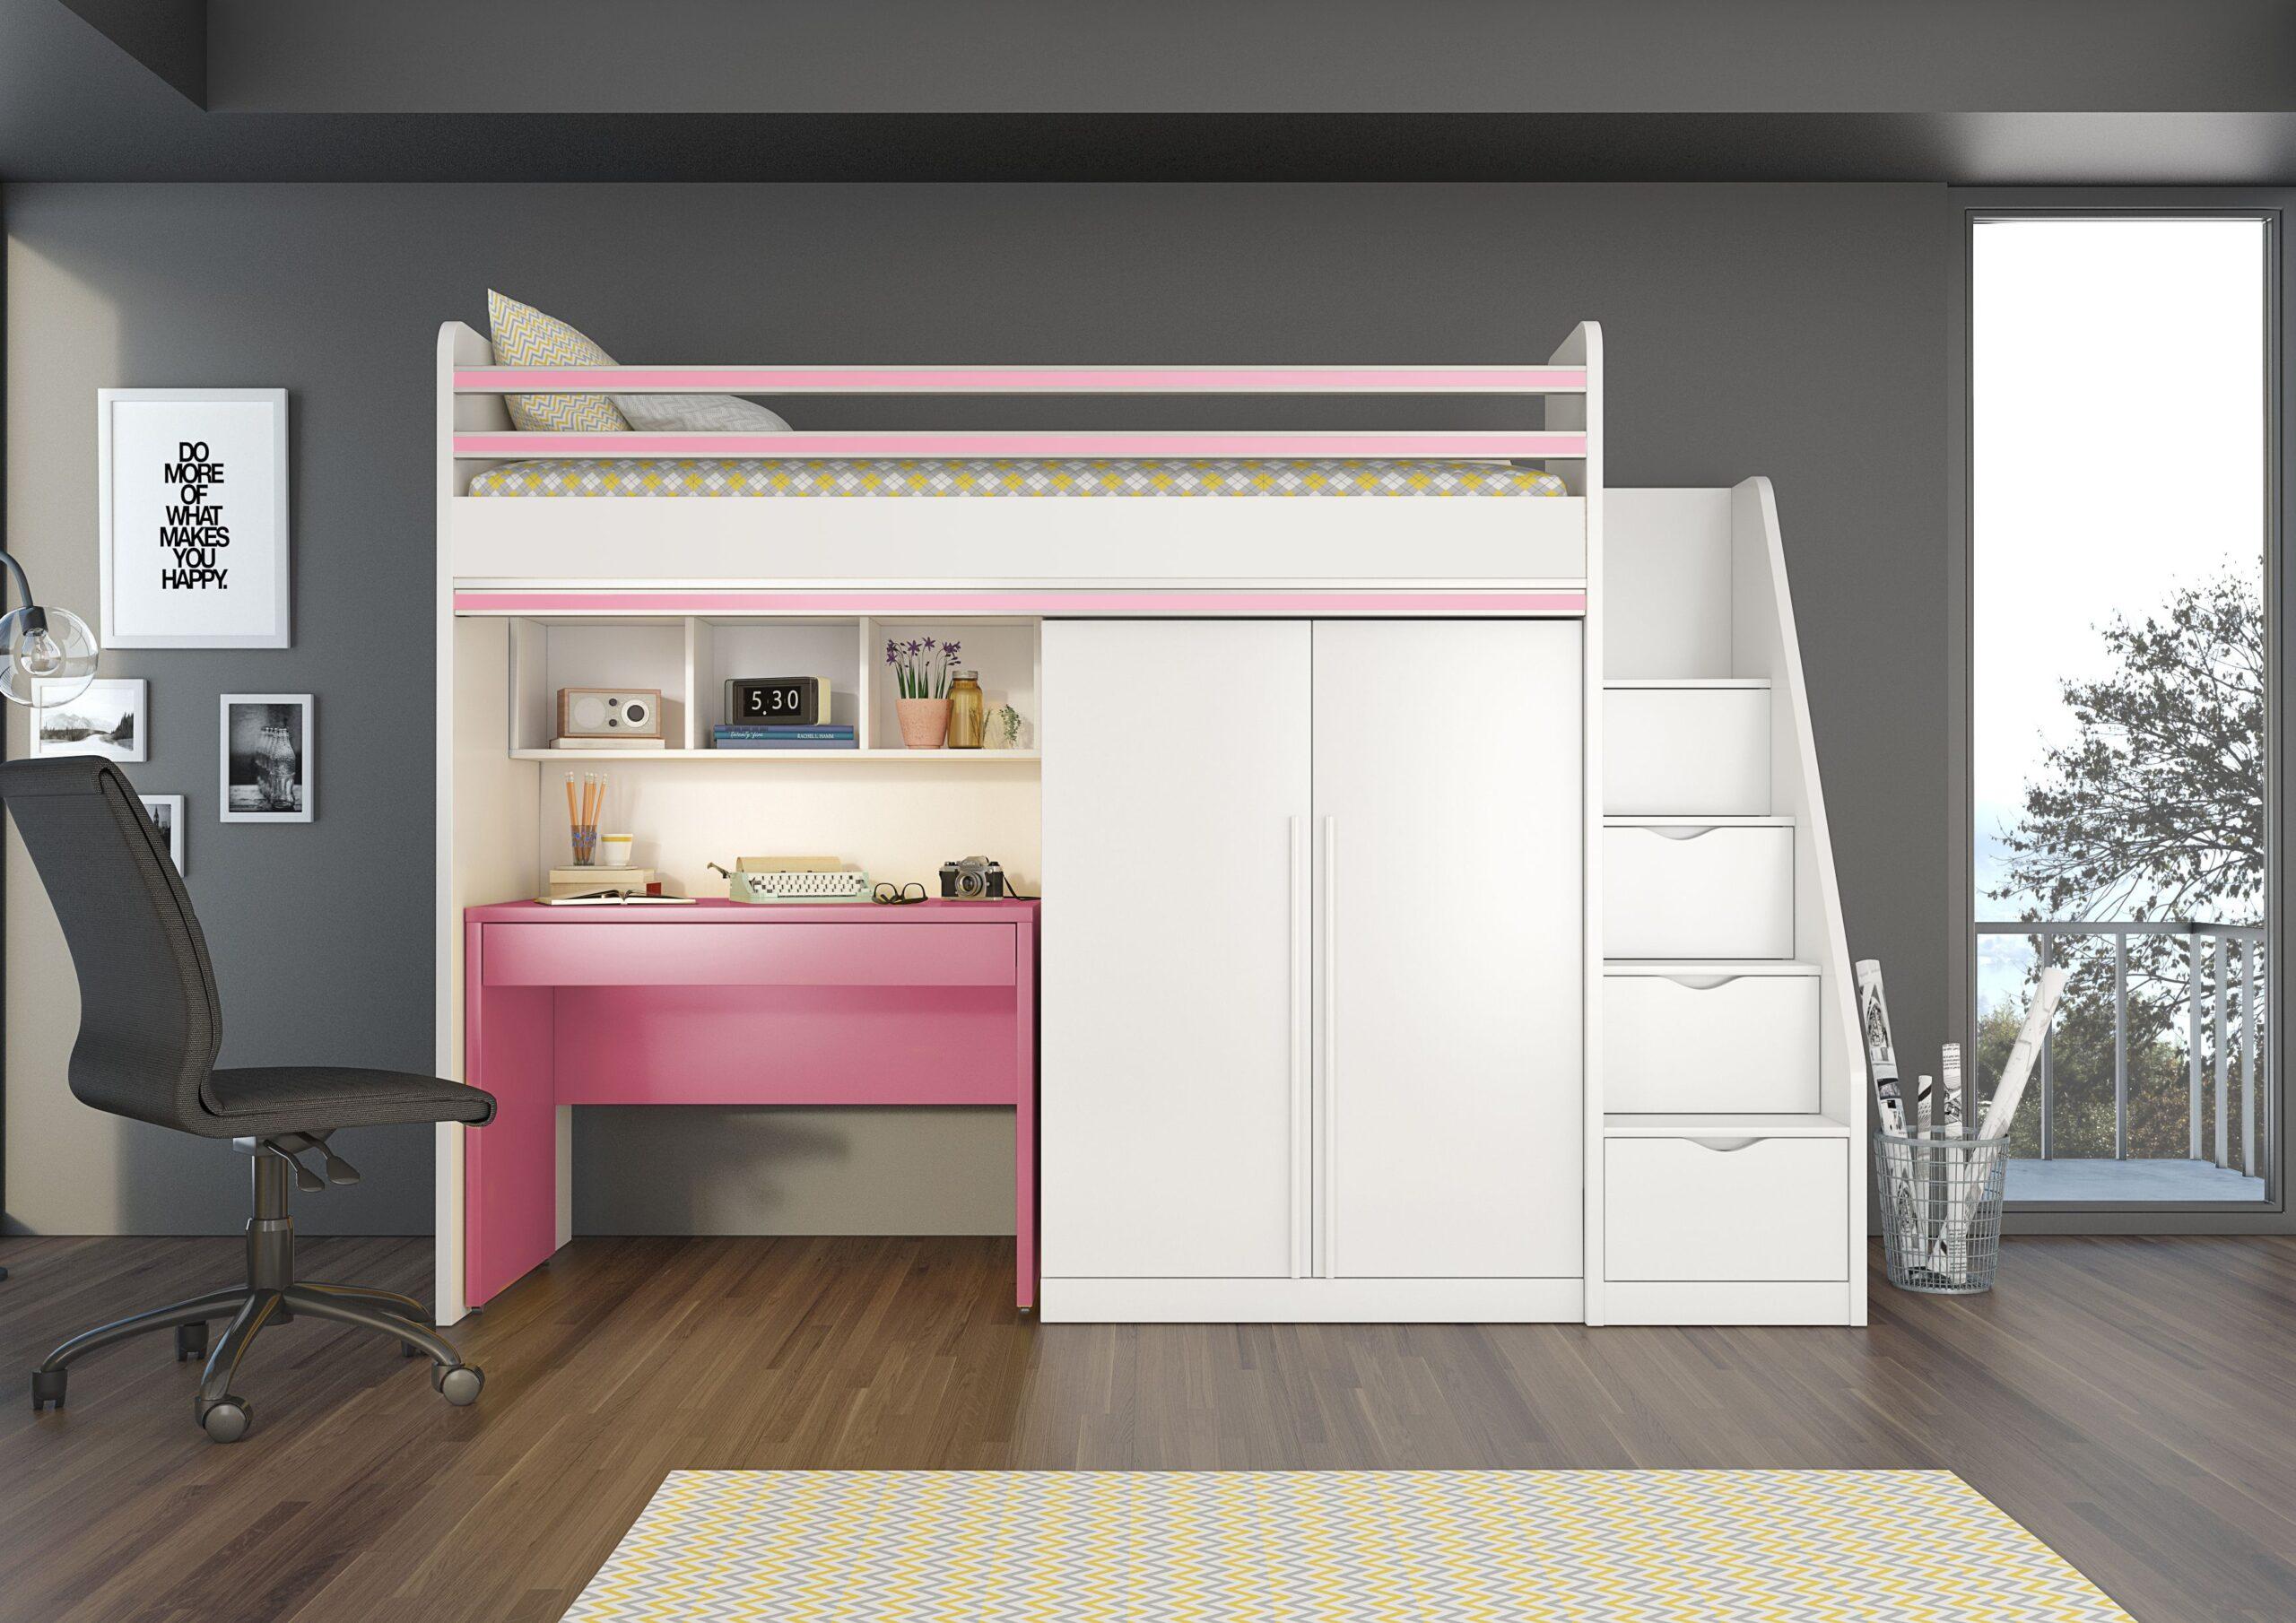 Full Size of Hochbetten Kinderzimmer Jugendzimmer Smart Flexi Mit Etagenbett Regal Sofa Weiß Regale Kinderzimmer Hochbetten Kinderzimmer